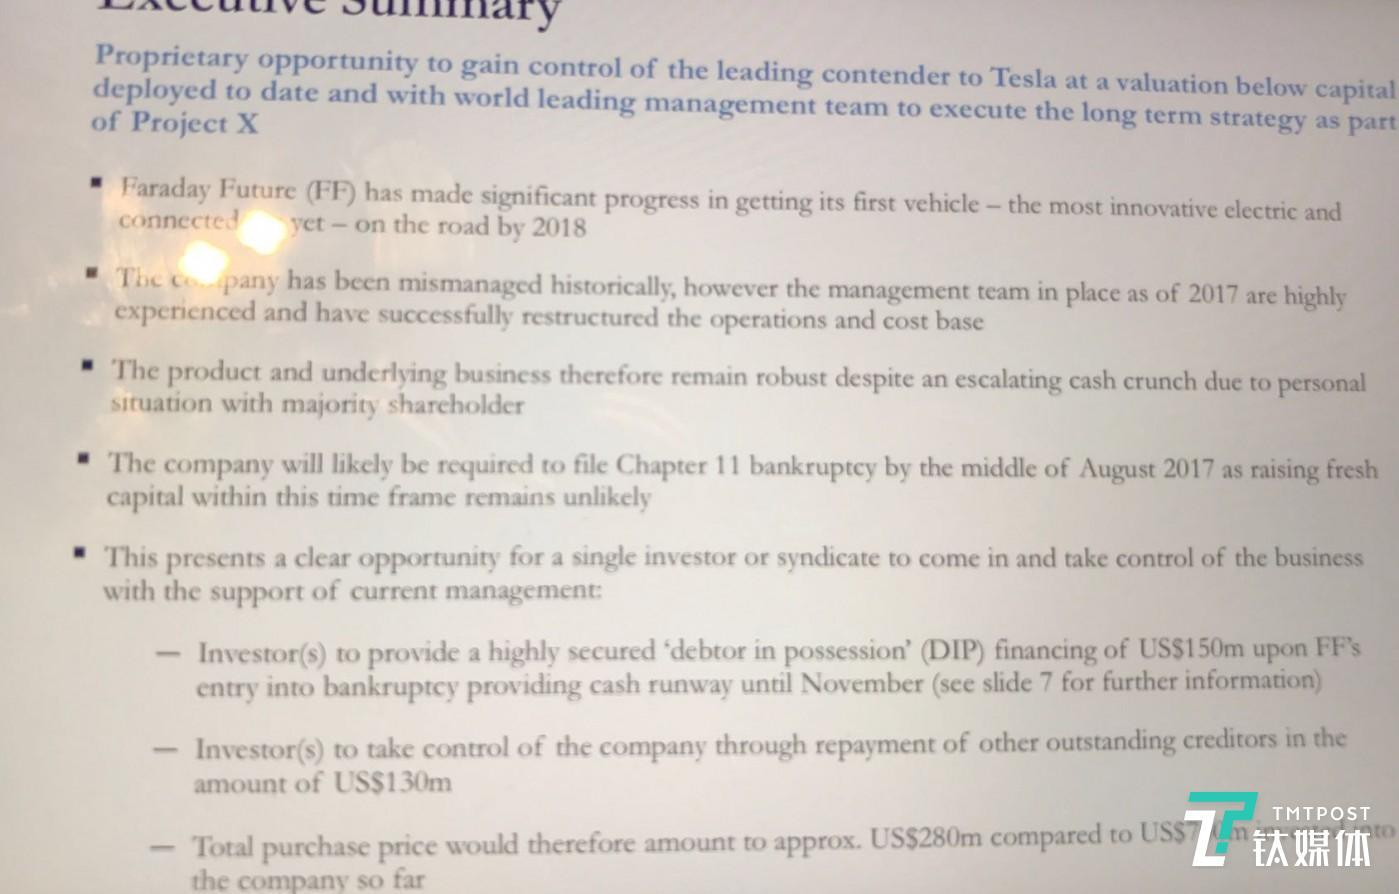 FF融资计划书,介绍其破产重整计划